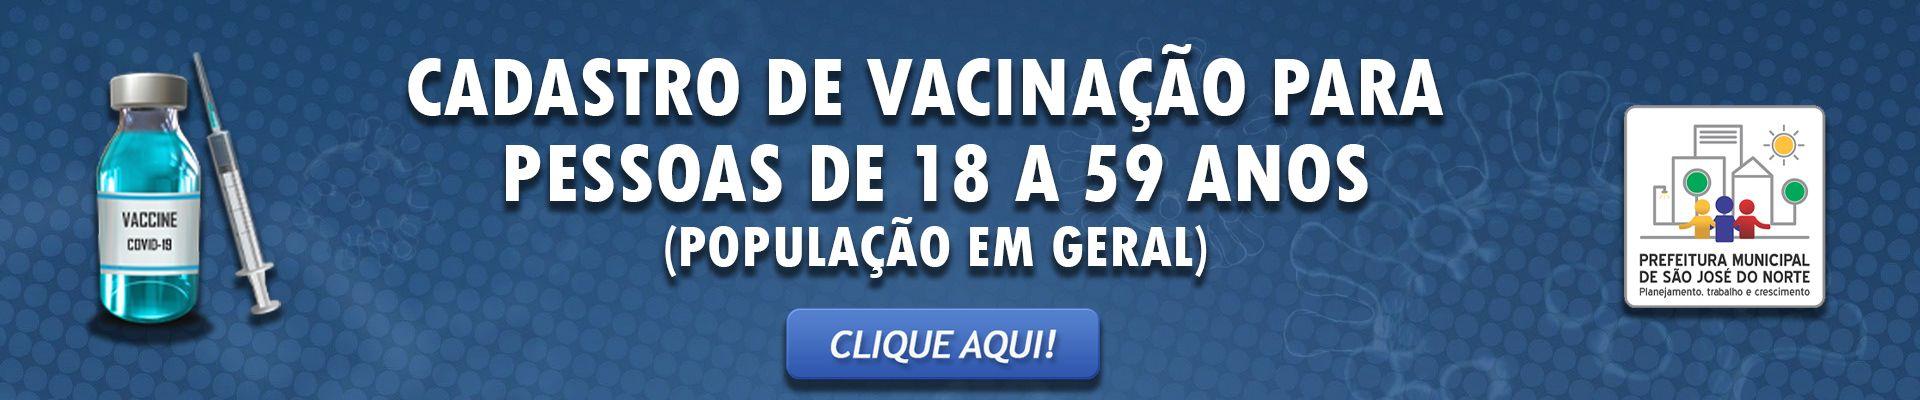 Banner 3 - Vacinação de pessoas de 18 a 59 anos (população em geral) - Covid-19